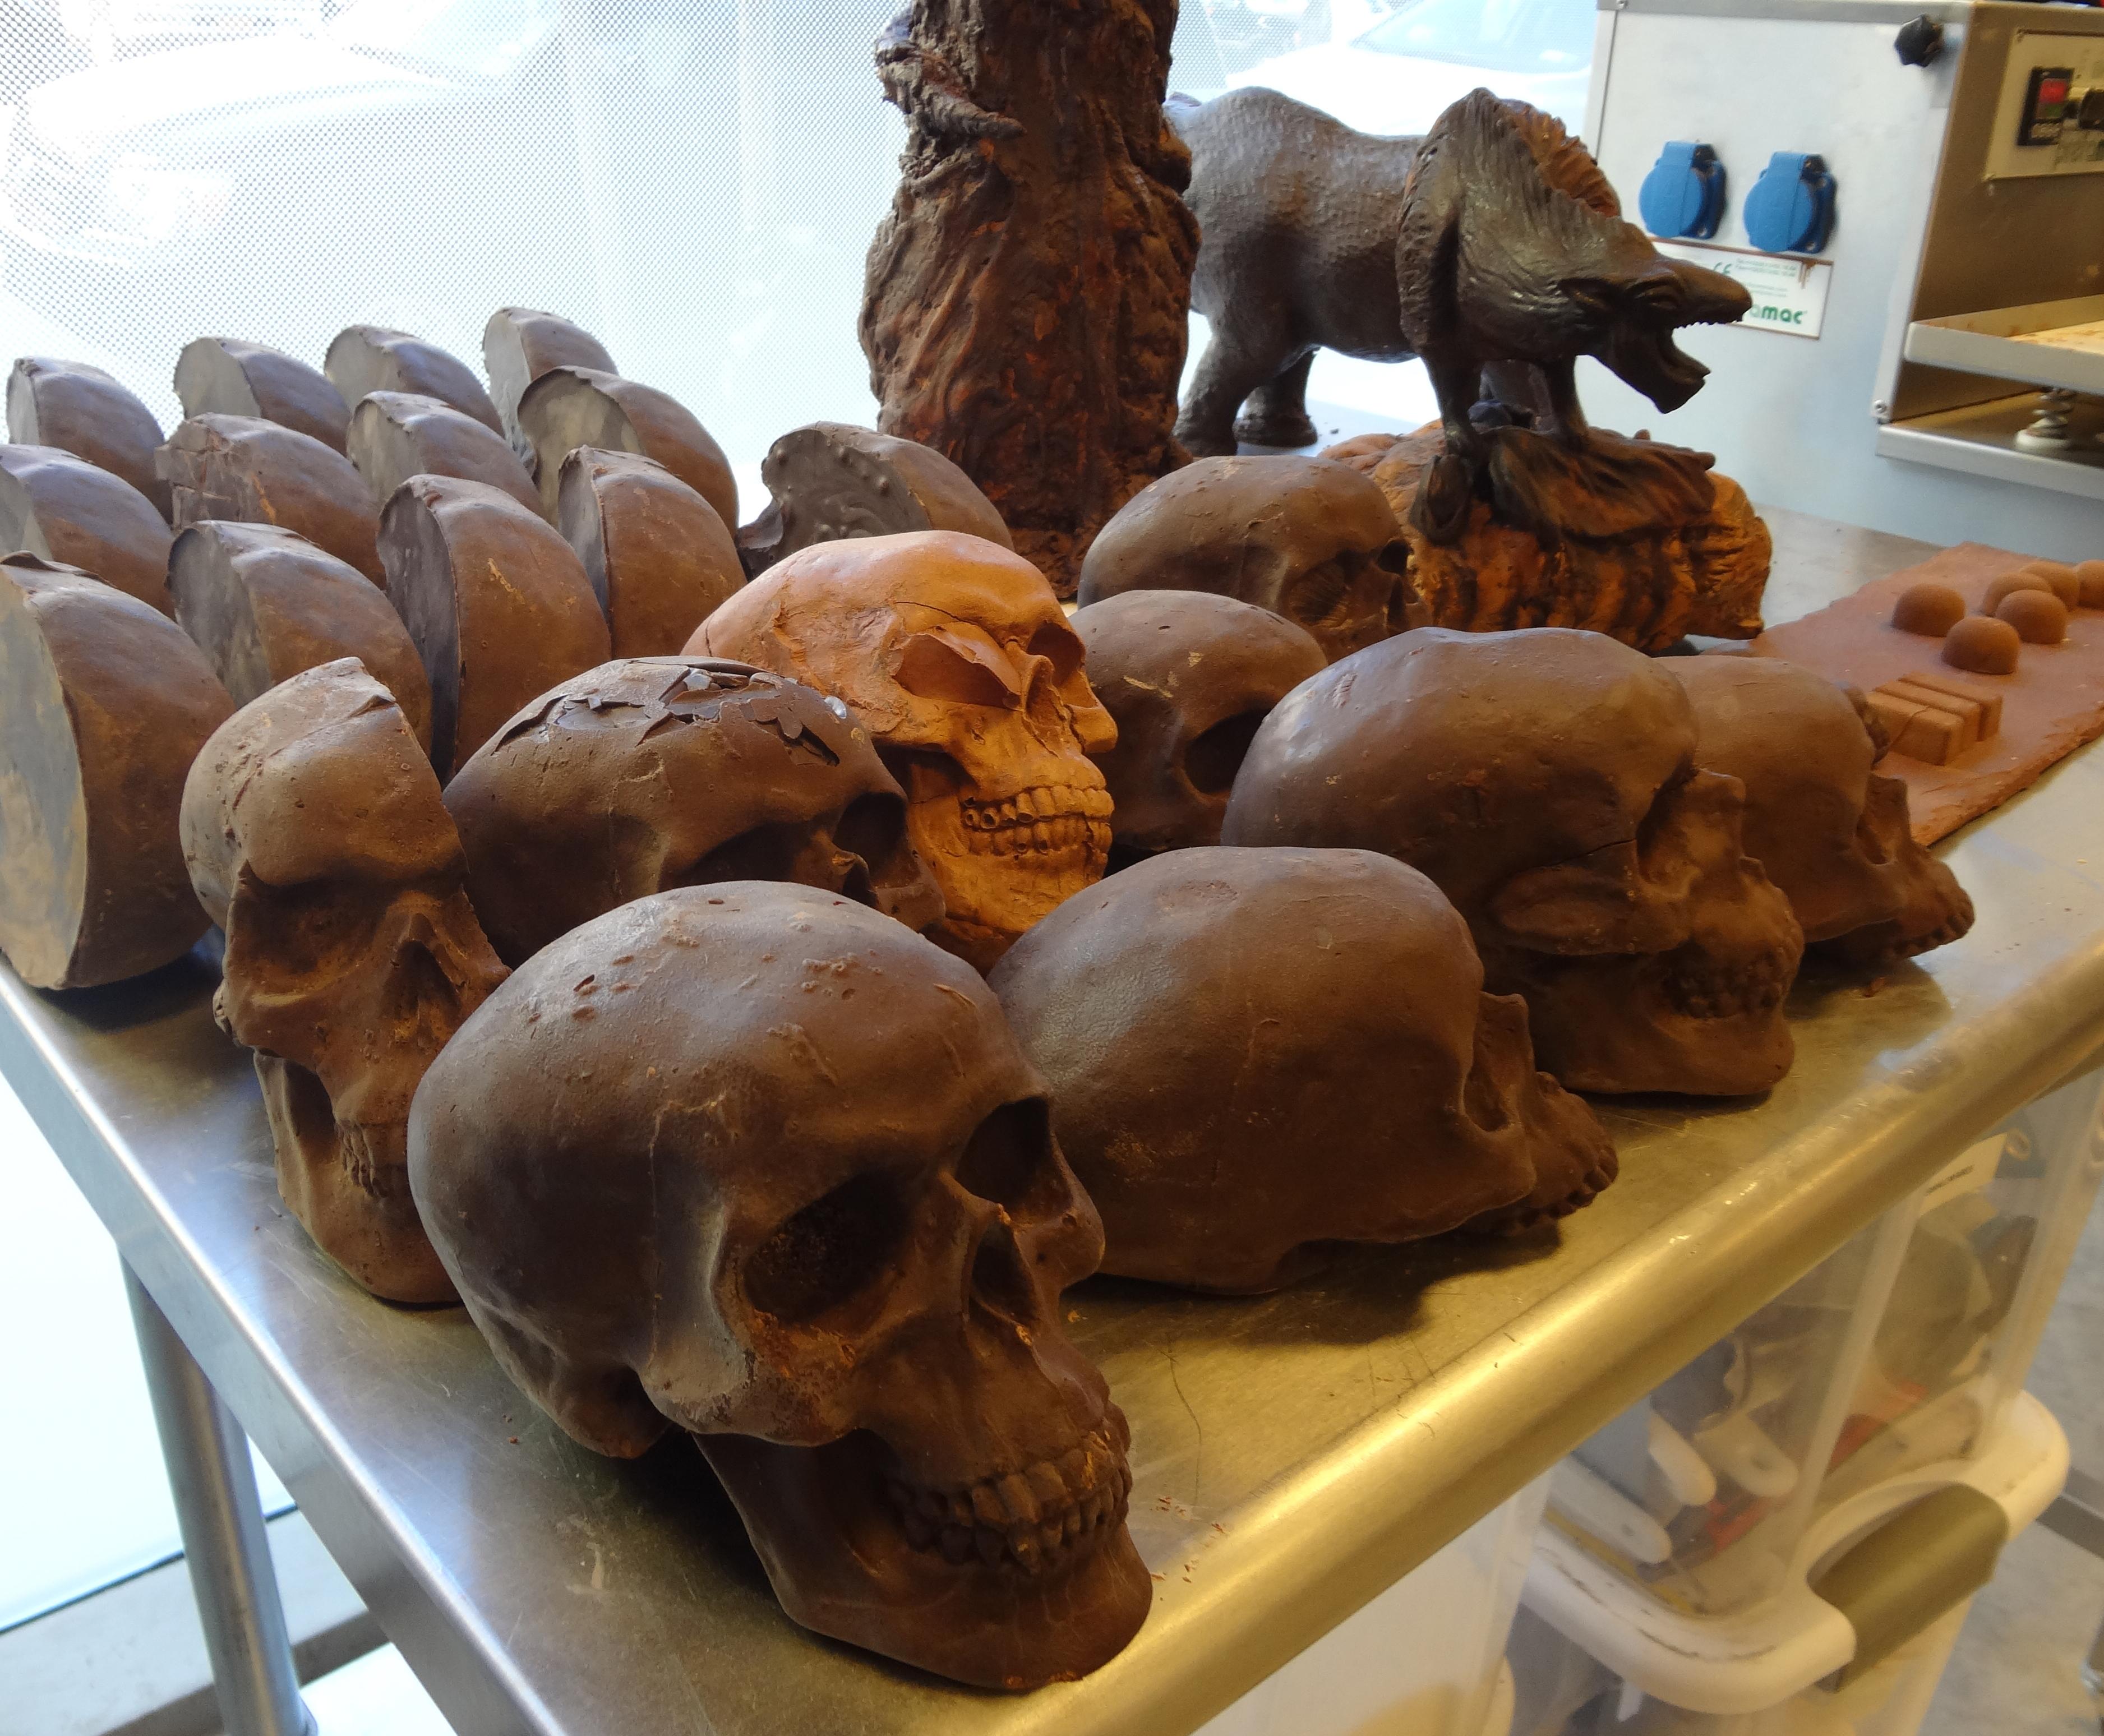 Chocolate skulls large on table